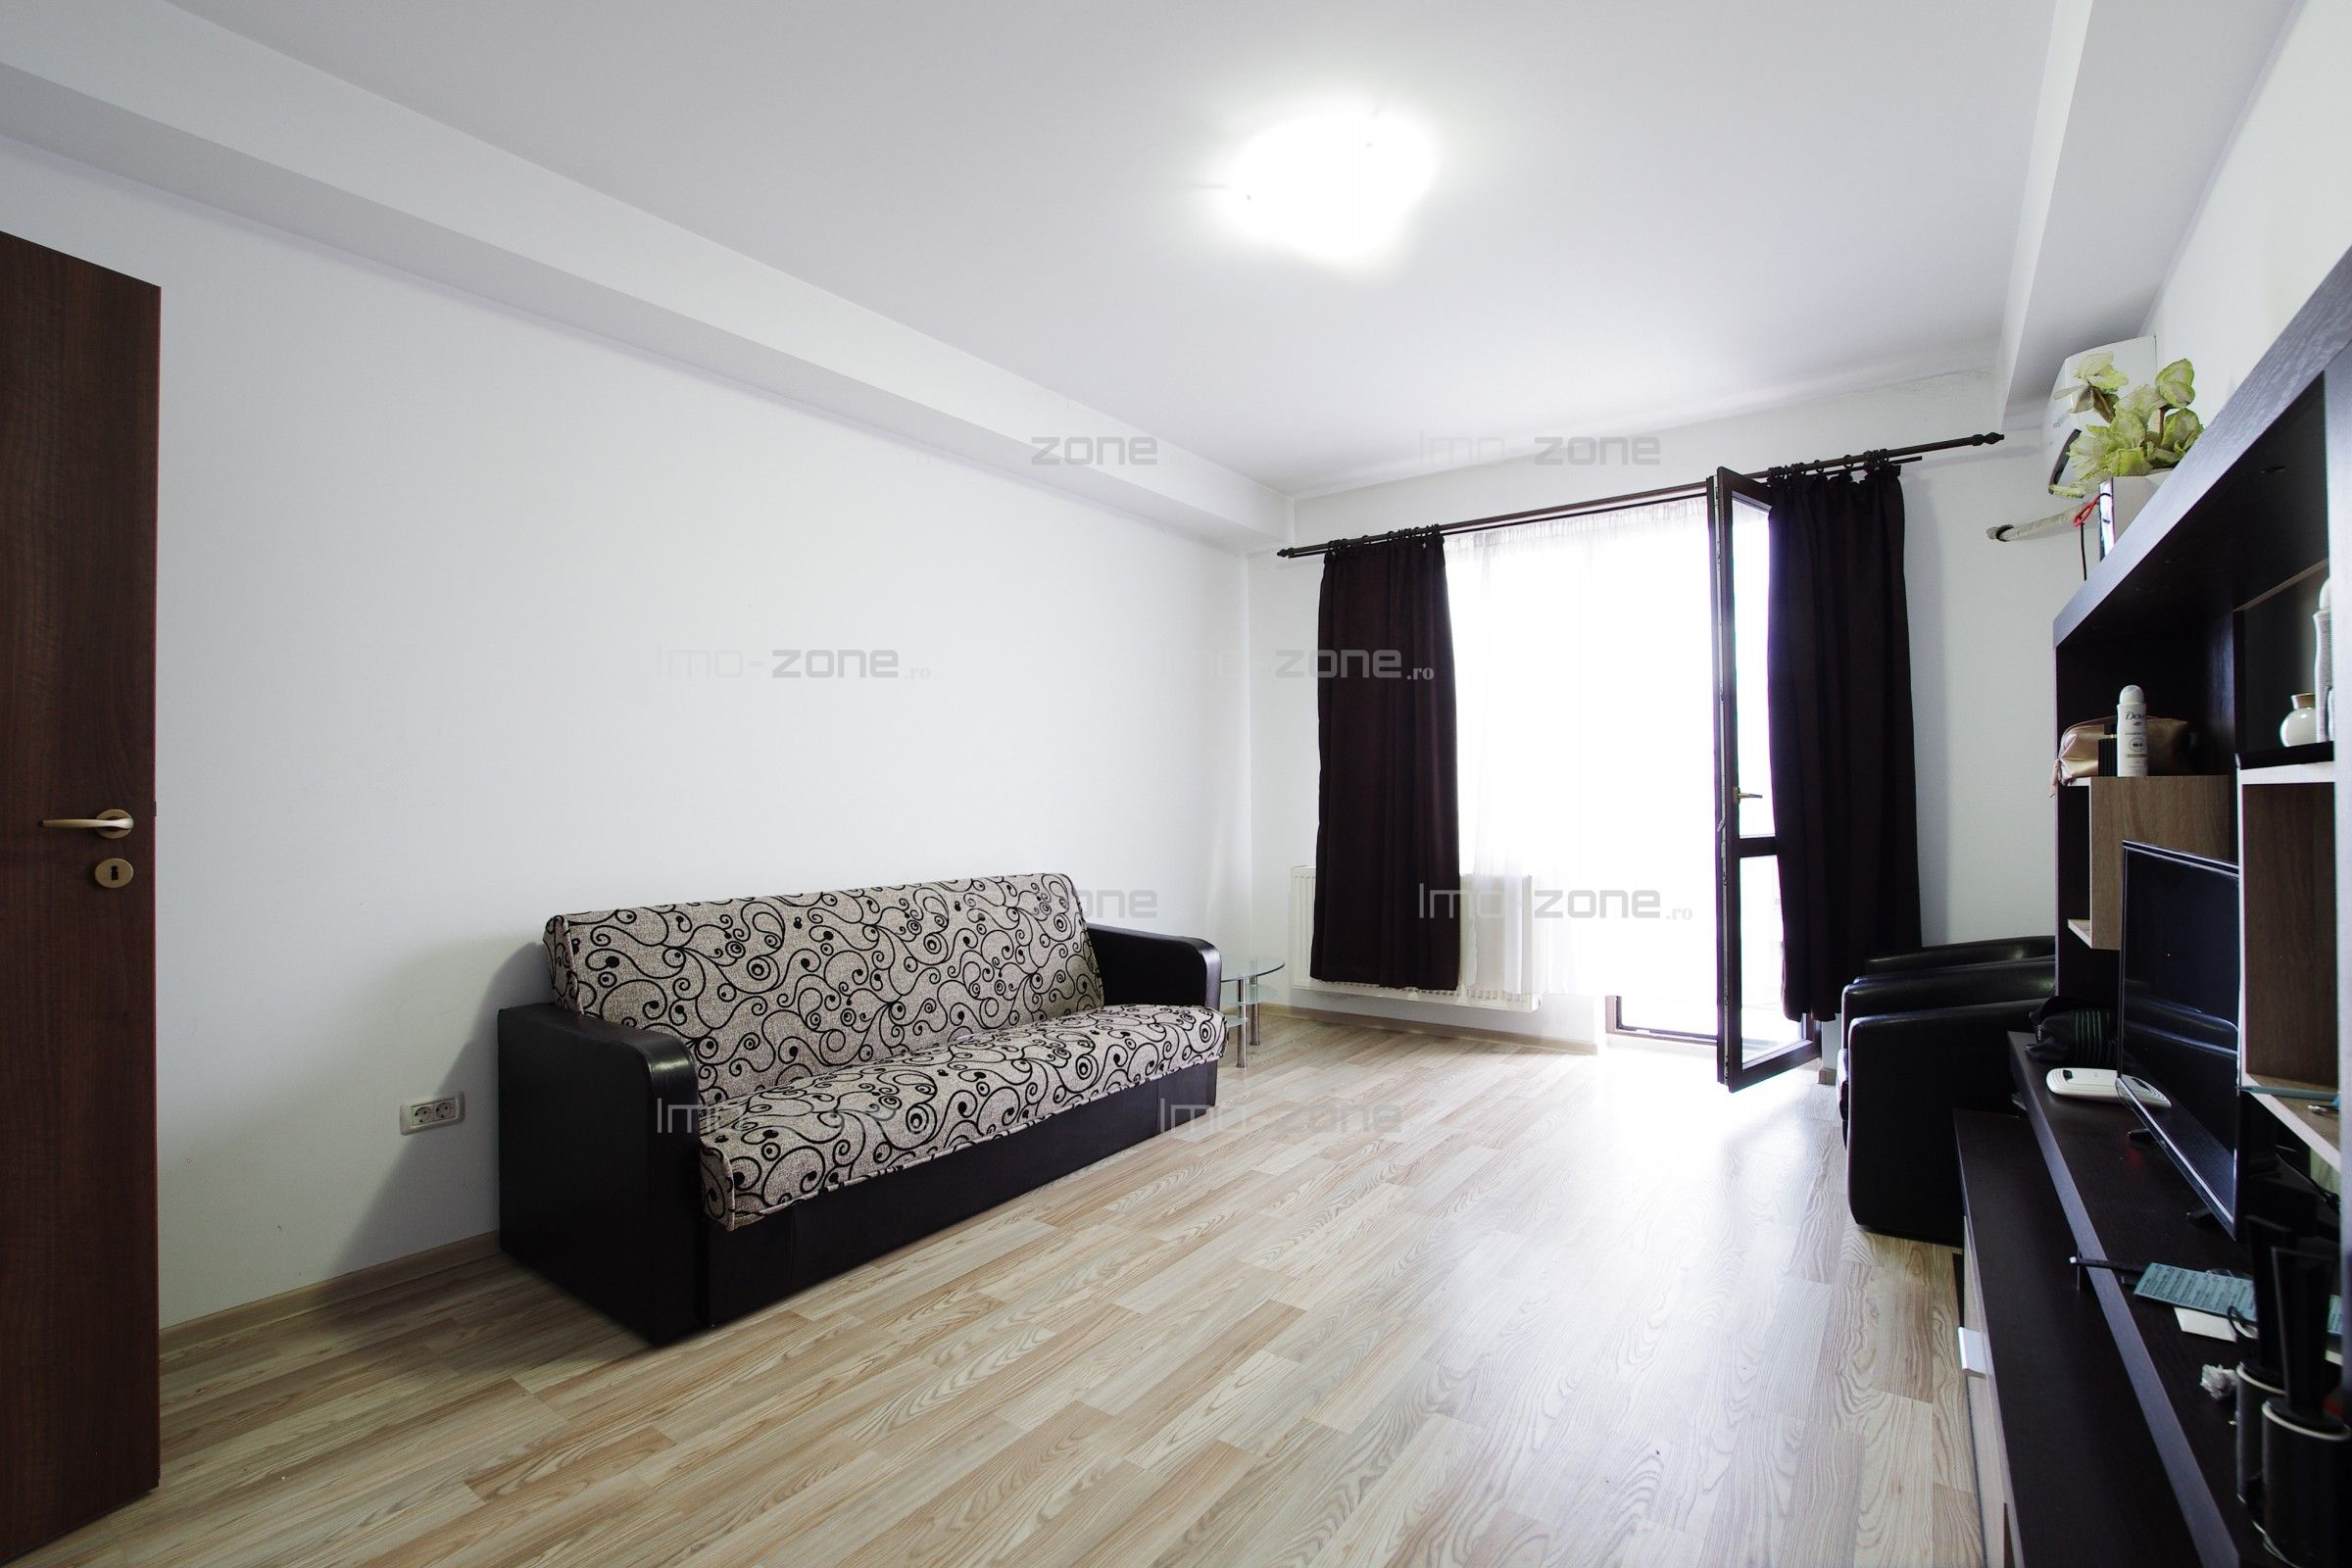 Apartament 2 camere Drumul Taberei, Ghencea - Cooperativei, RATB, comision 0%